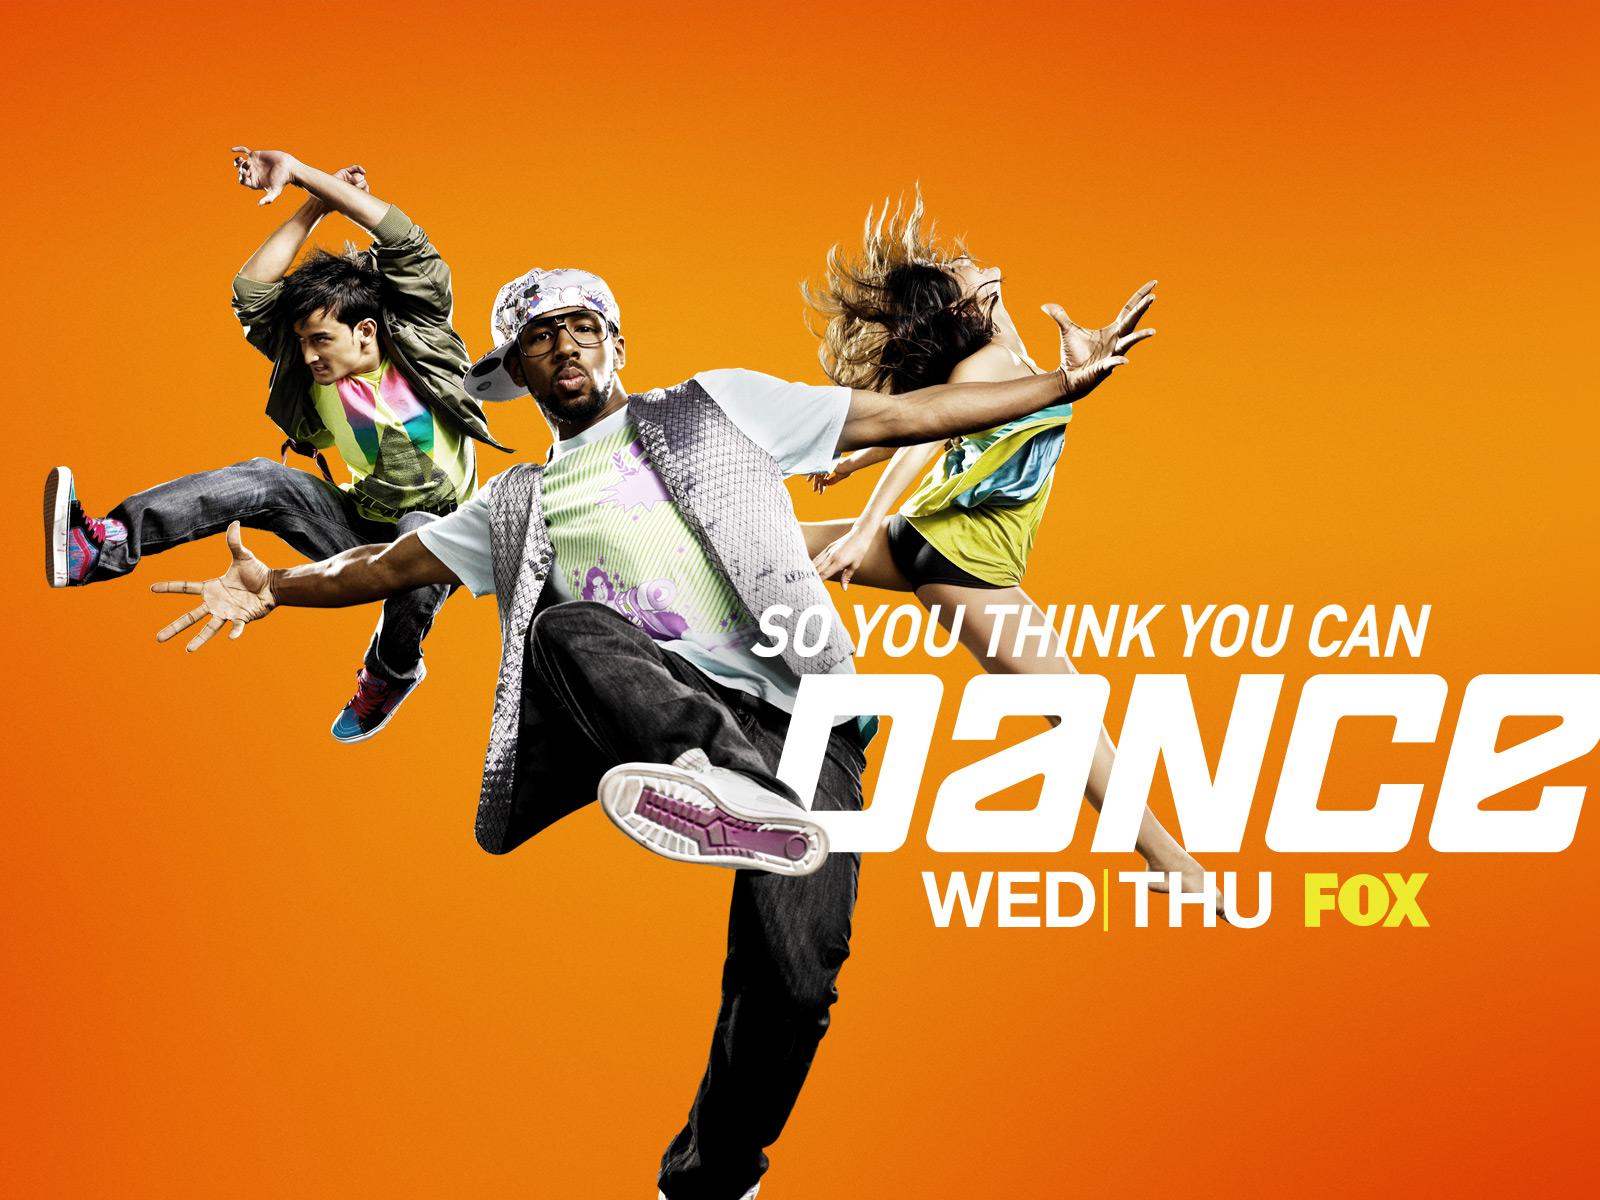 So You Think You Can Dance Girls - HD Wallpaper